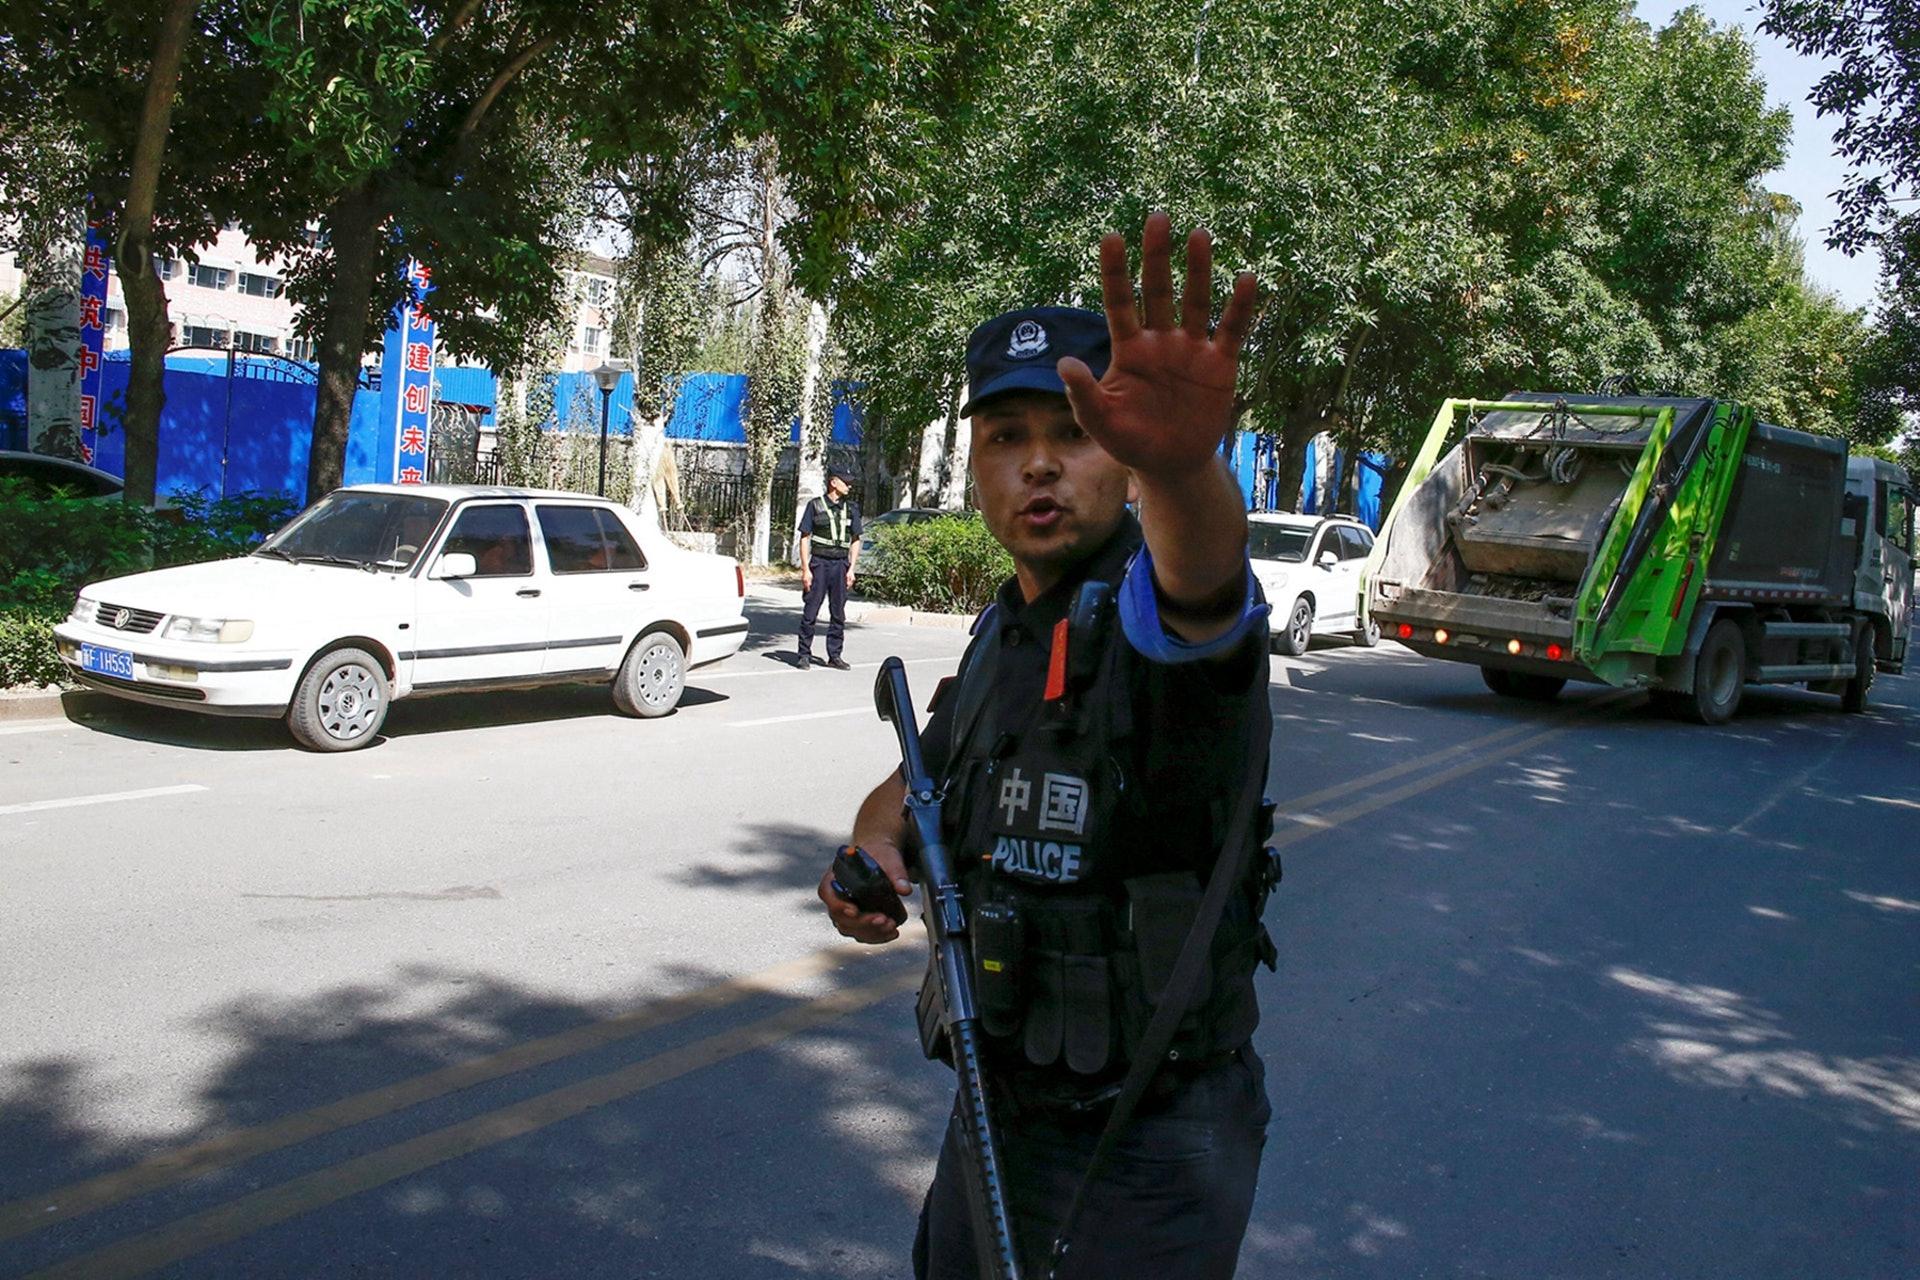 中共铁腕治疆,新疆形势较往年大为好转,但仍遭遇西方意识形态的偏见。(Reuters)